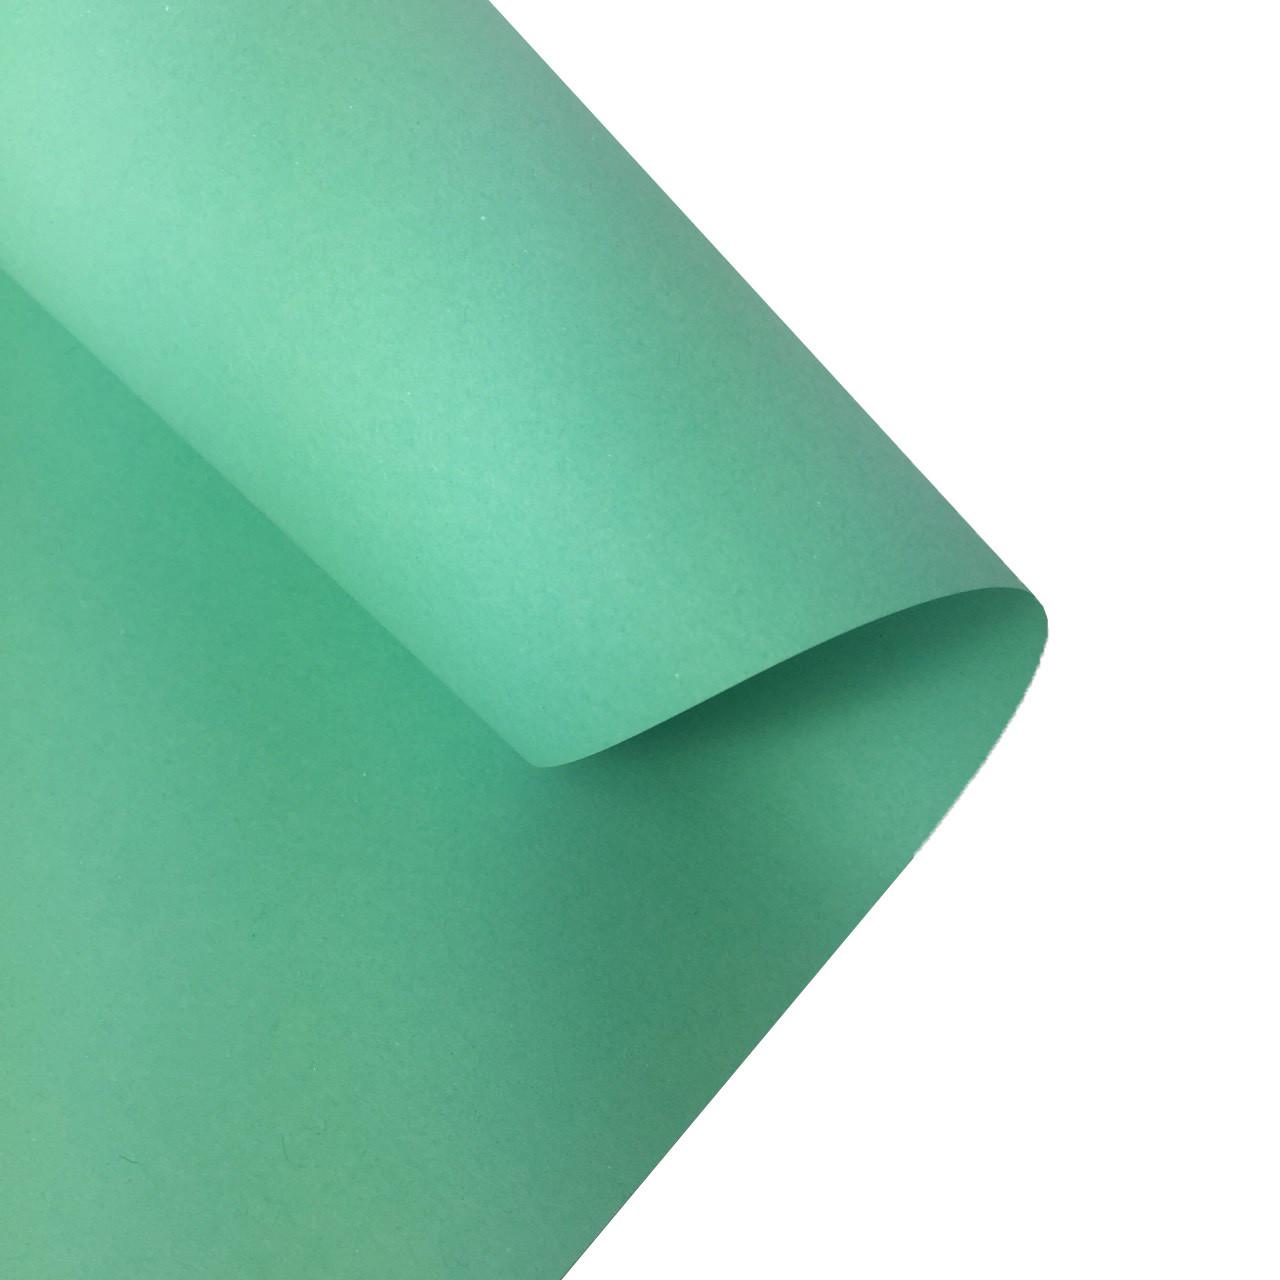 Бумага для дизайна Folia 130 г/м2, 50 x 70, нежно-мятная